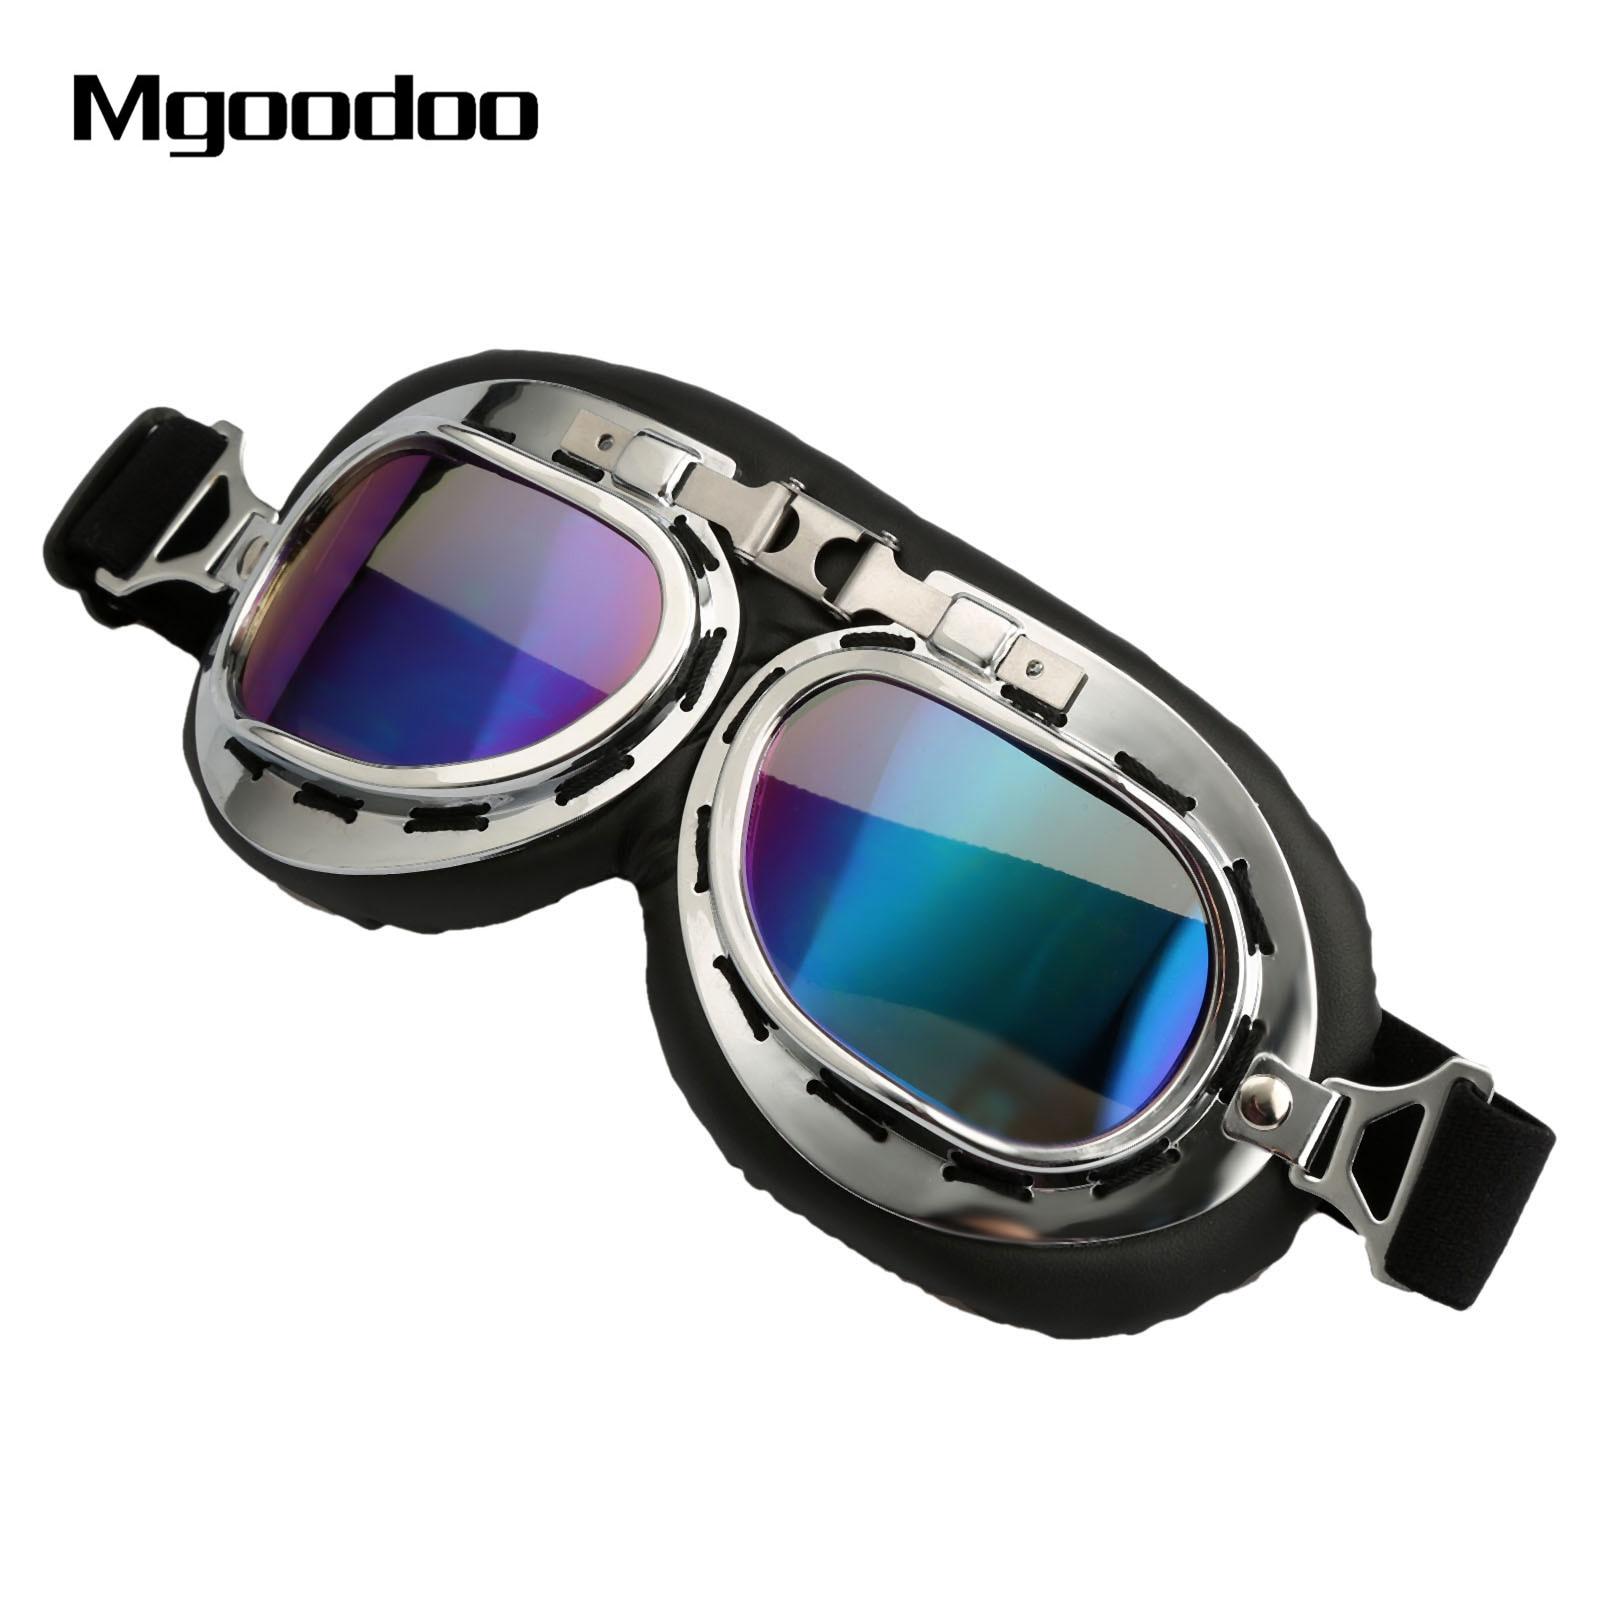 Винтаж наружное мотокросса скутер мотоцикл Очки Солнцезащитные очки для женщин в стиле ретро ATV Лыжный Спорт Велоспорт гонки по бездорожью ...